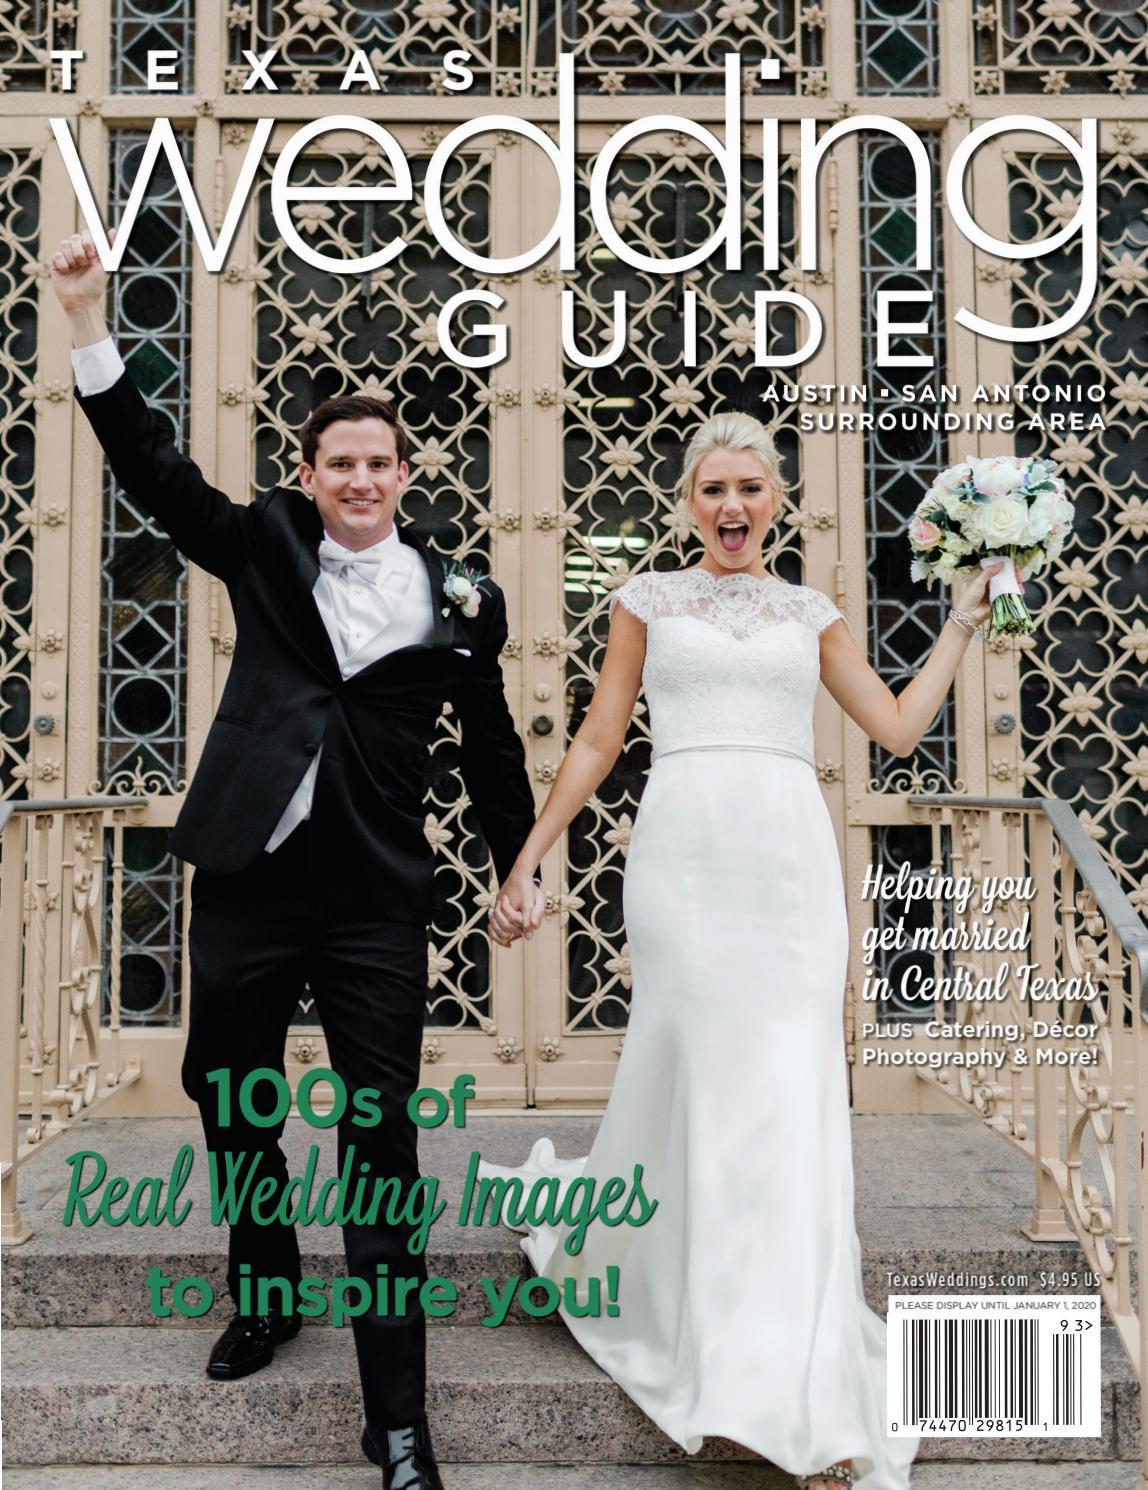 Texas Wedding Guide Fall 20 by Texas Wedding Guide   issuu